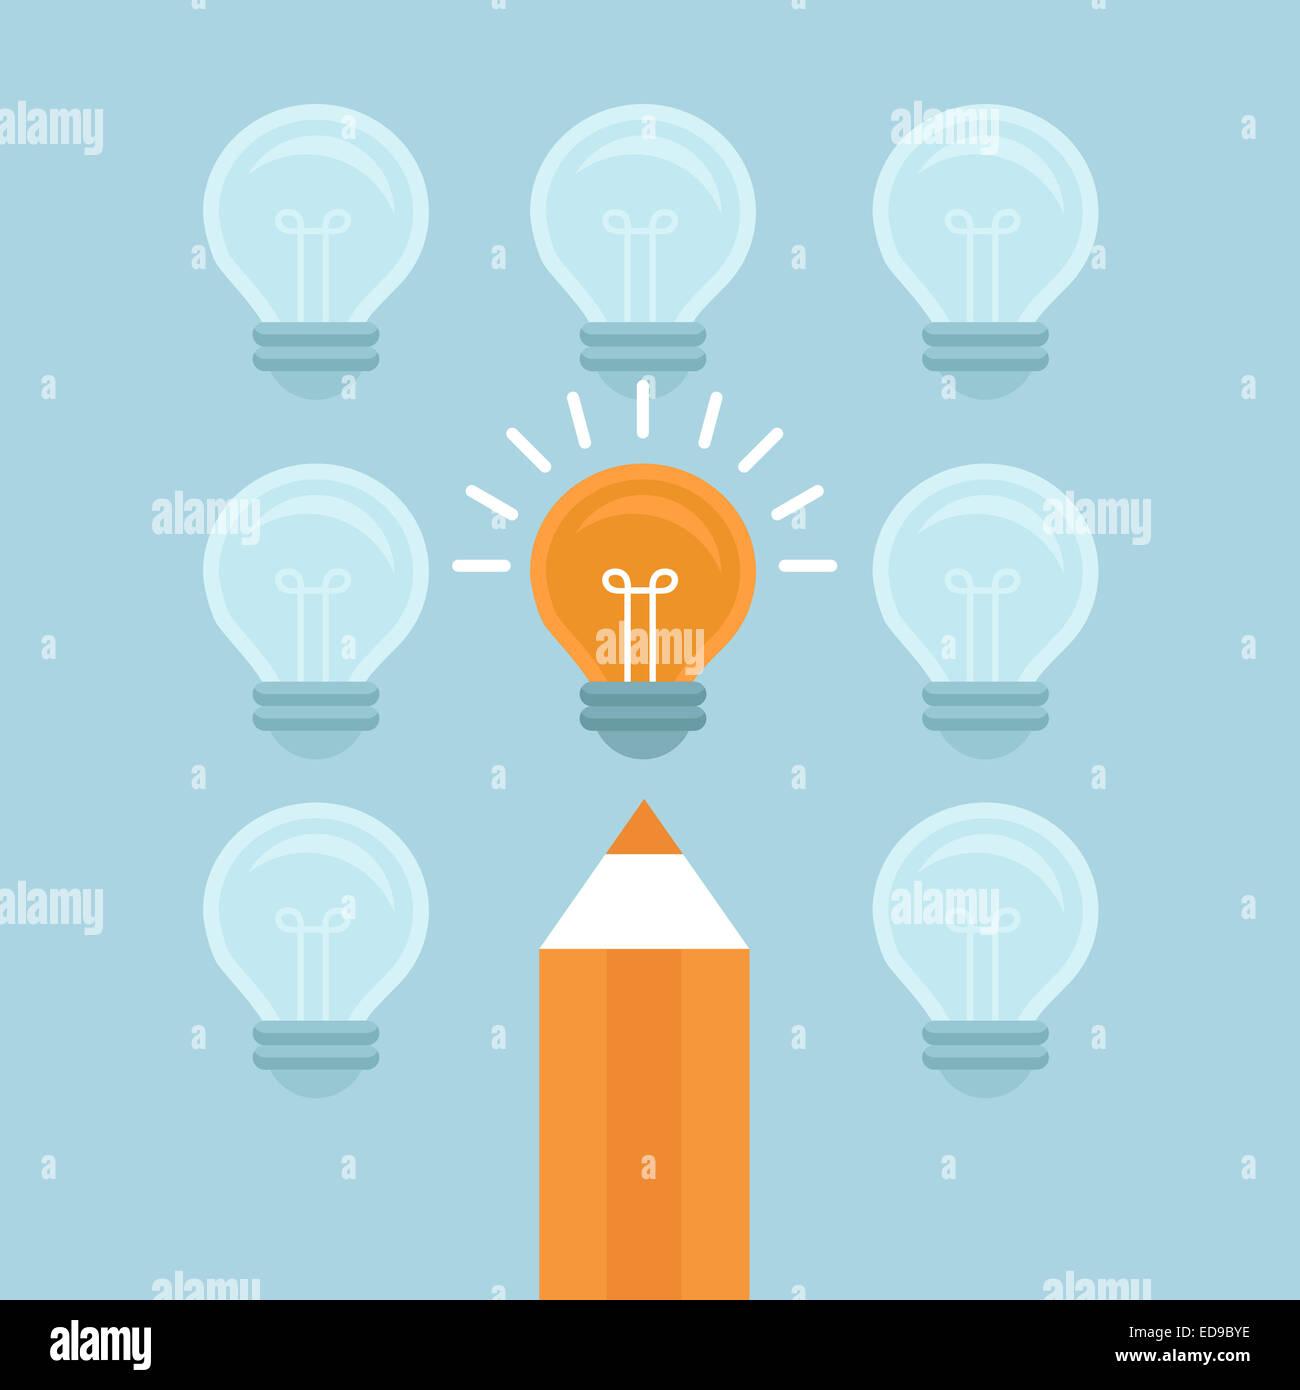 Concetto di commercializzazione in uno stile piatto - distinguiti dalla massa - luce brillante lampadina e matita Immagini Stock